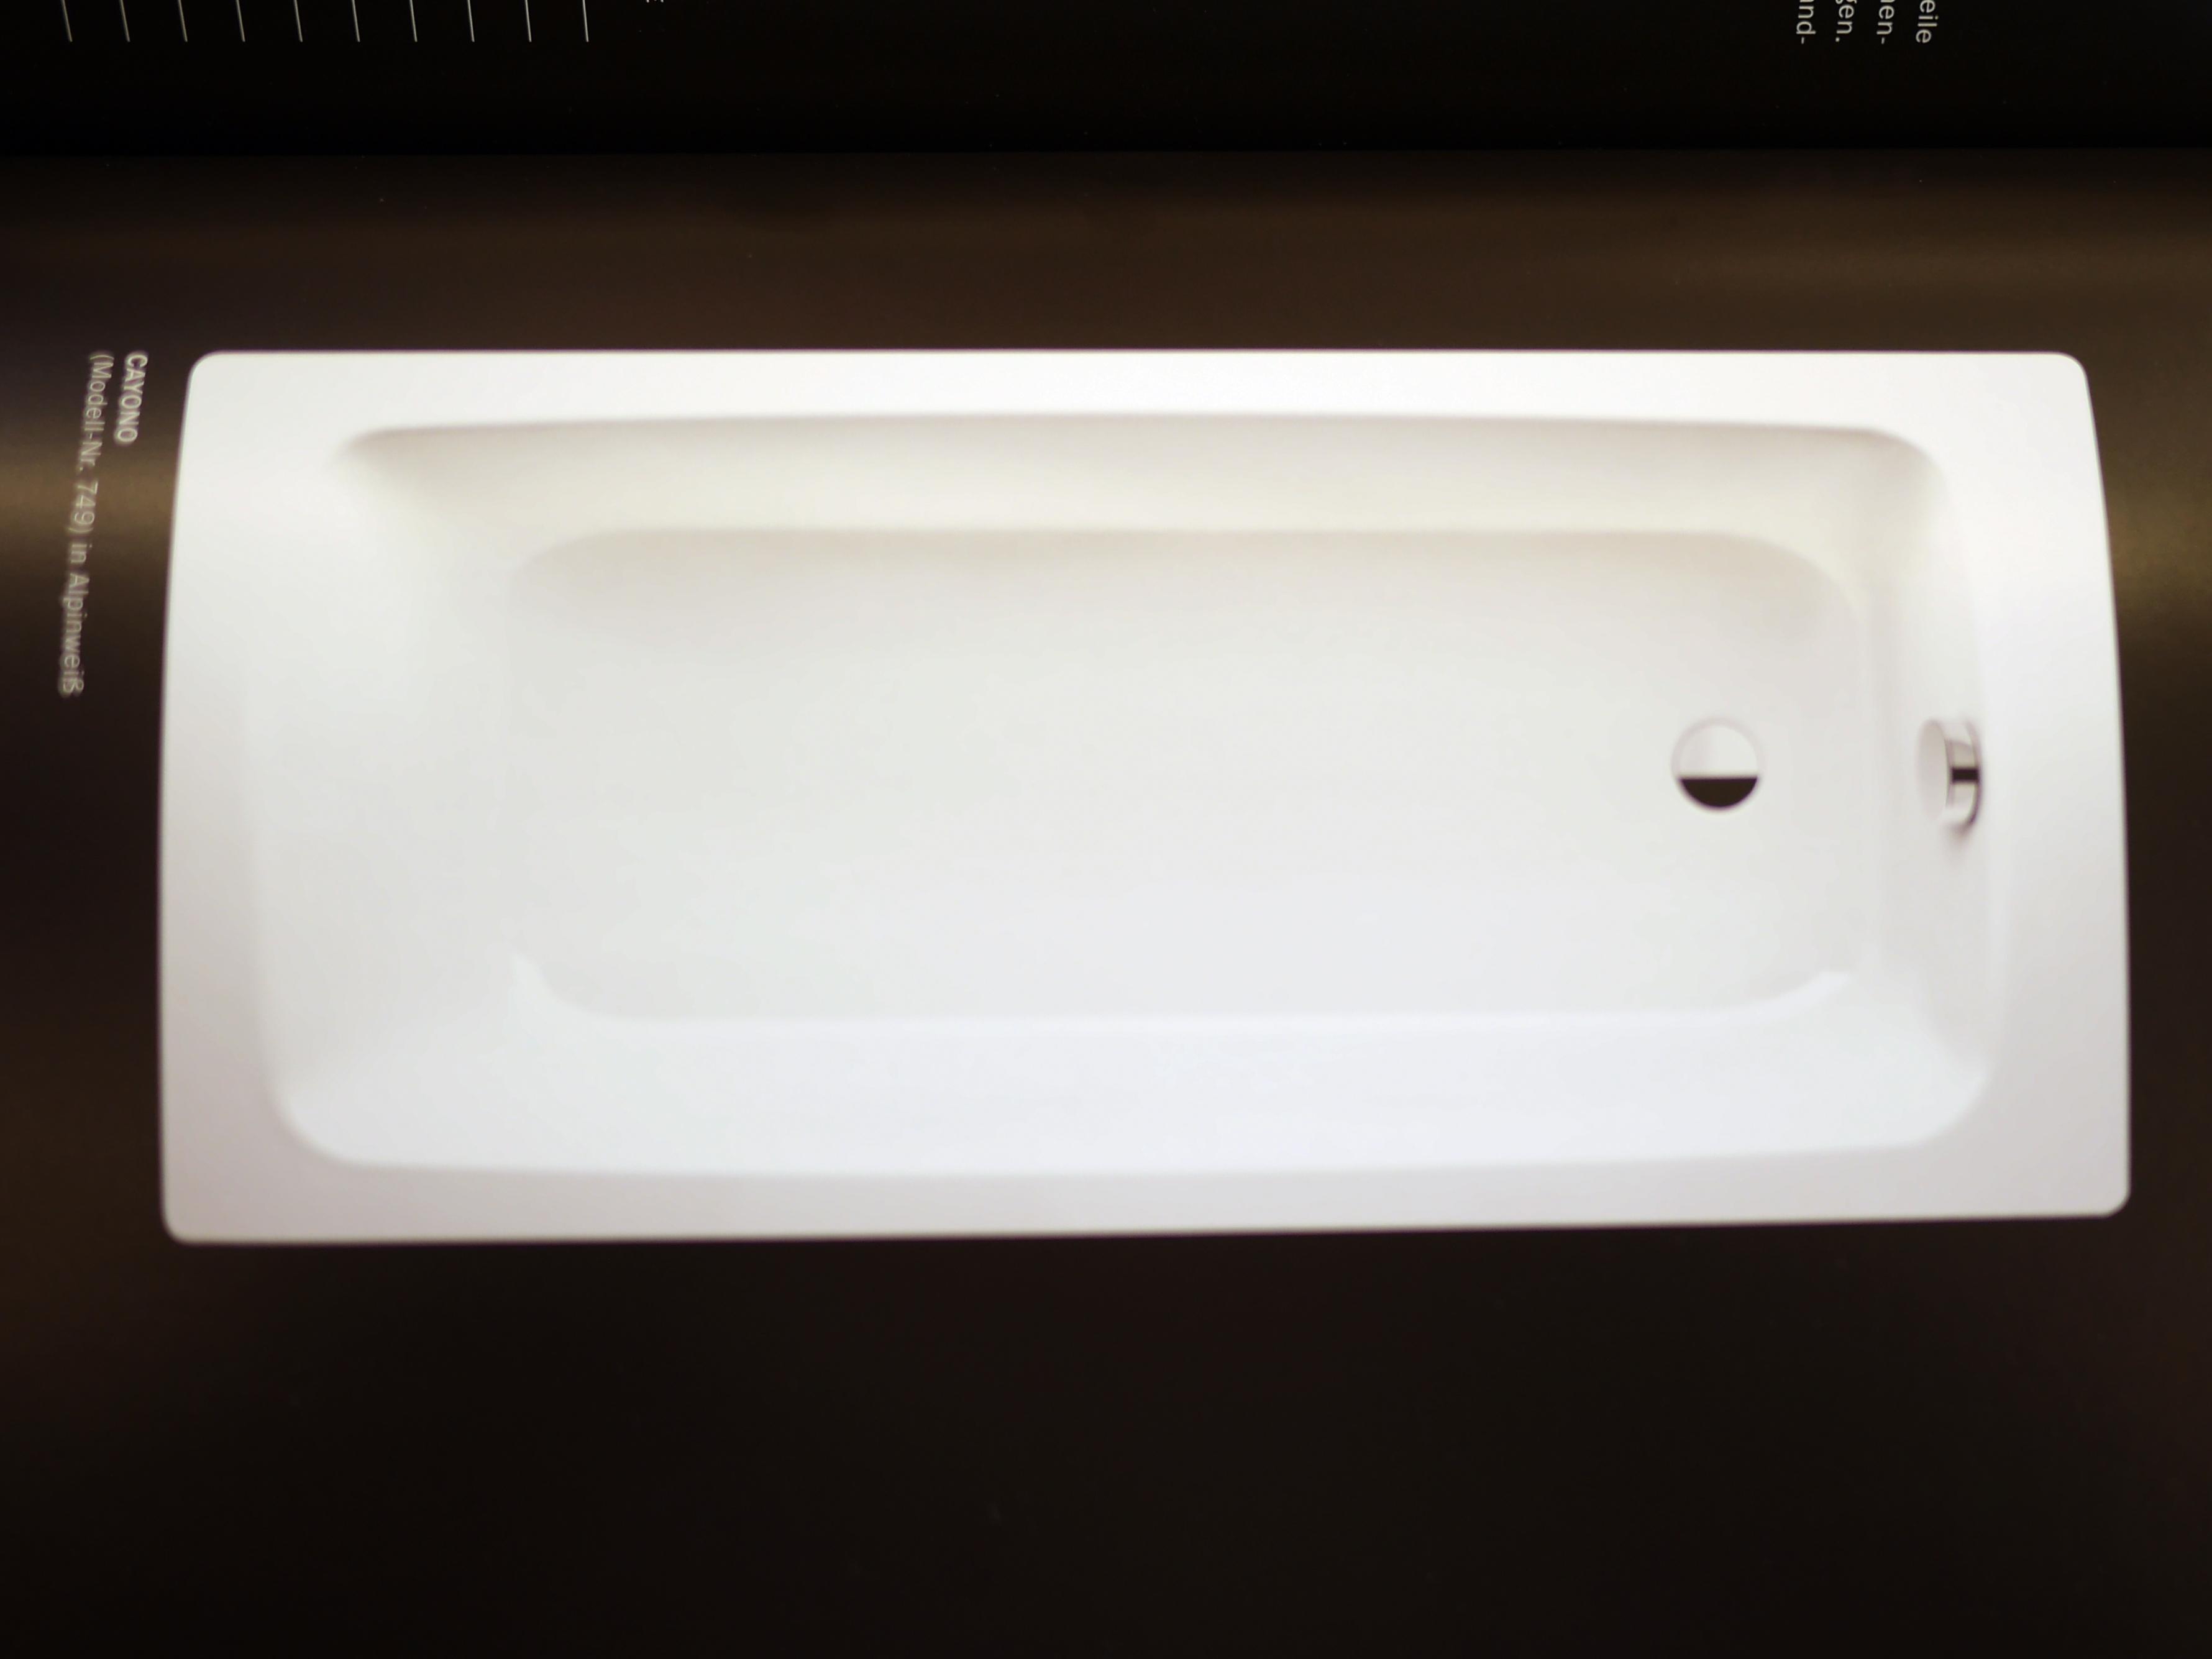 Unsere Badewanne